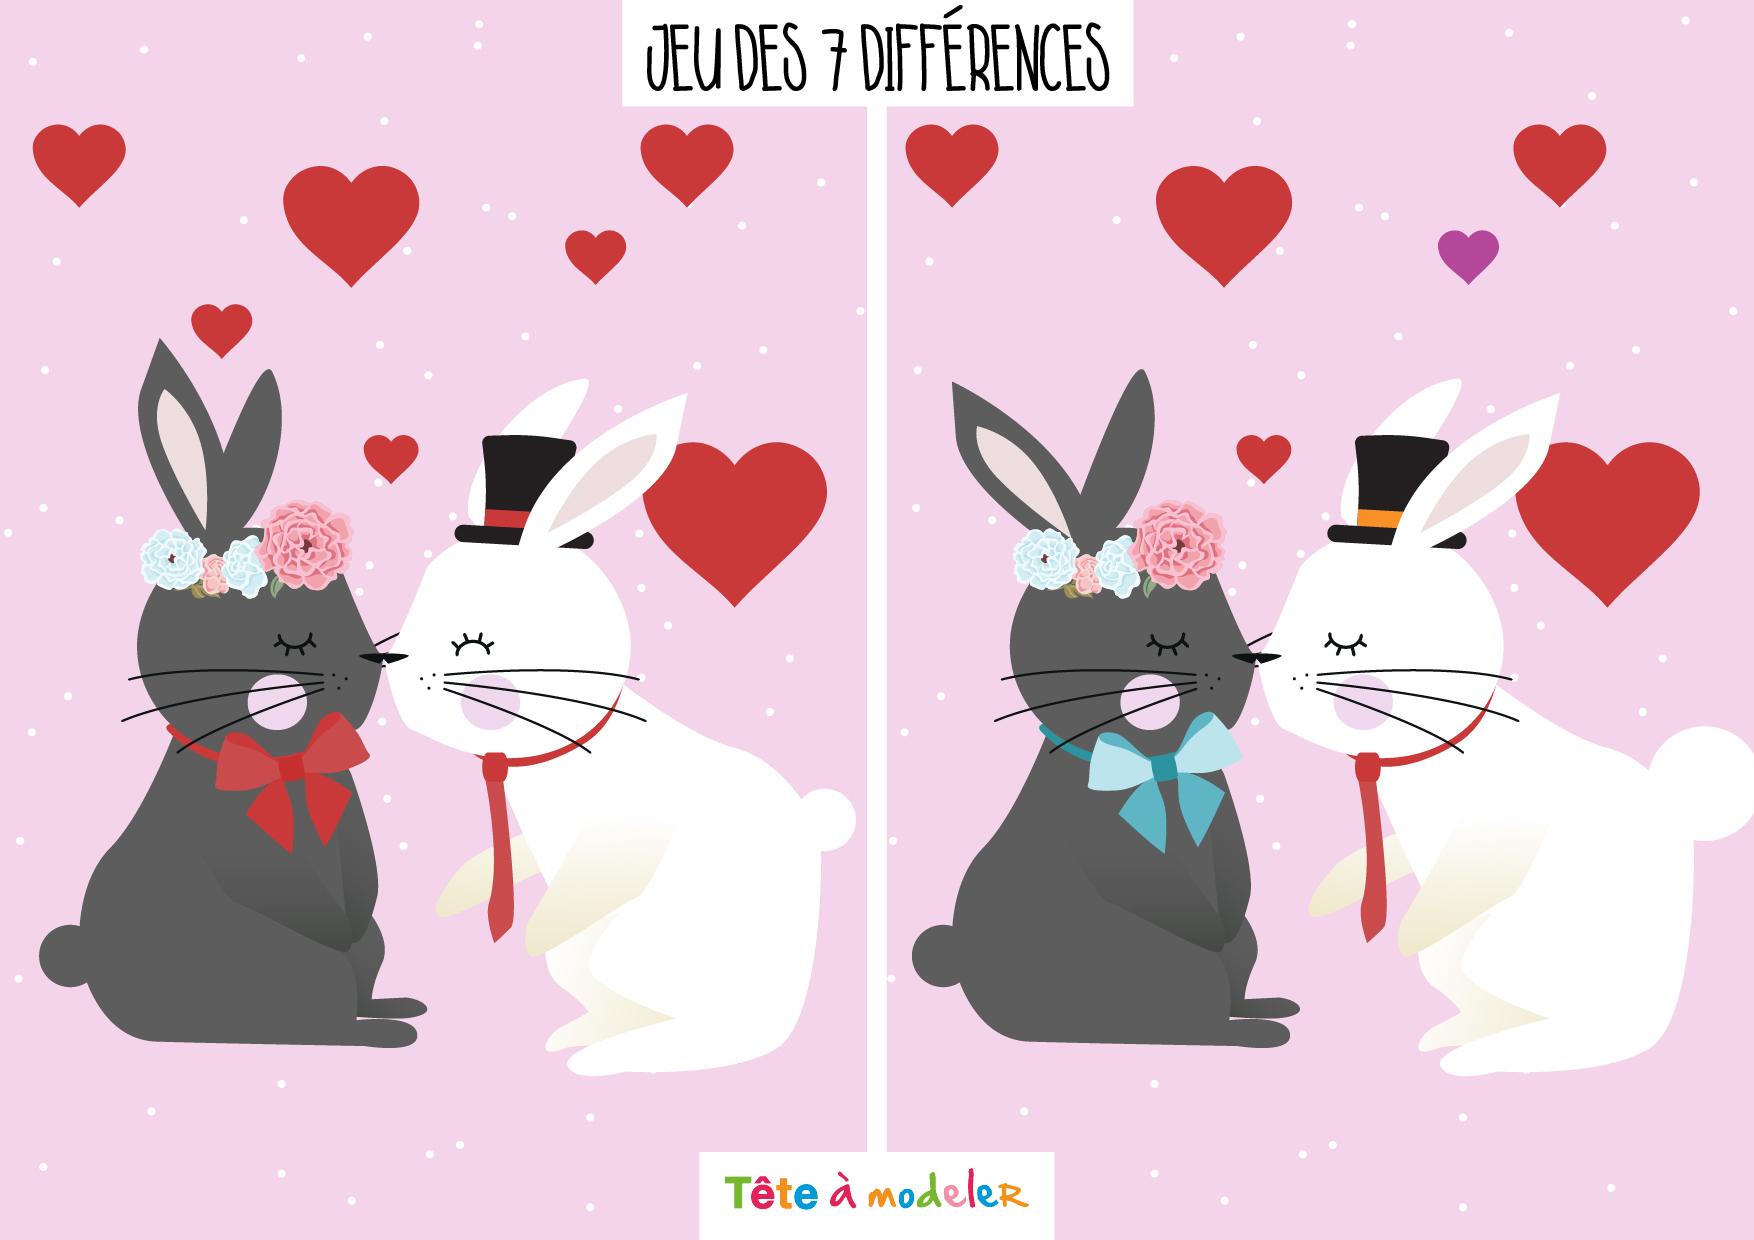 Jeu Des 7 Différences De La Saint Valentin dedans Jeux Des 7 Difference